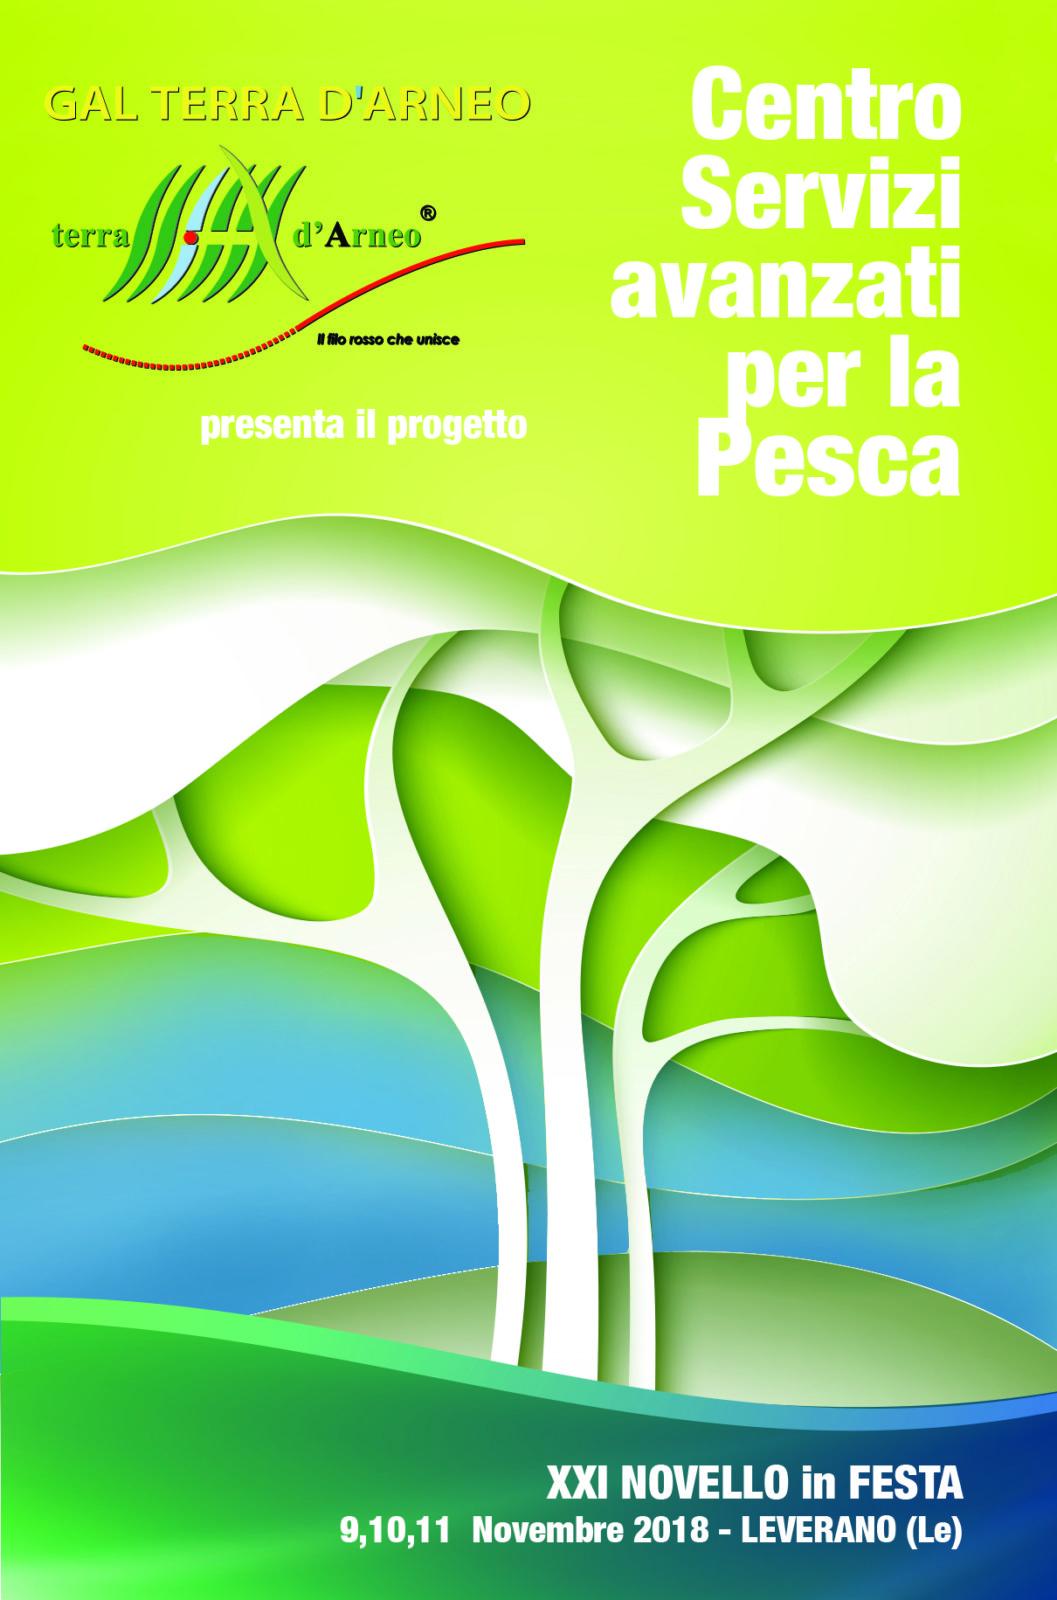 """Il GAL Terra d'Arneo presenta il progetto """"Sportello Pesca"""" in occasione del Novello in Festa:  un centro servizi avanzati per lo sviluppo sostenibile dell'economia del mare e la crescita blu"""